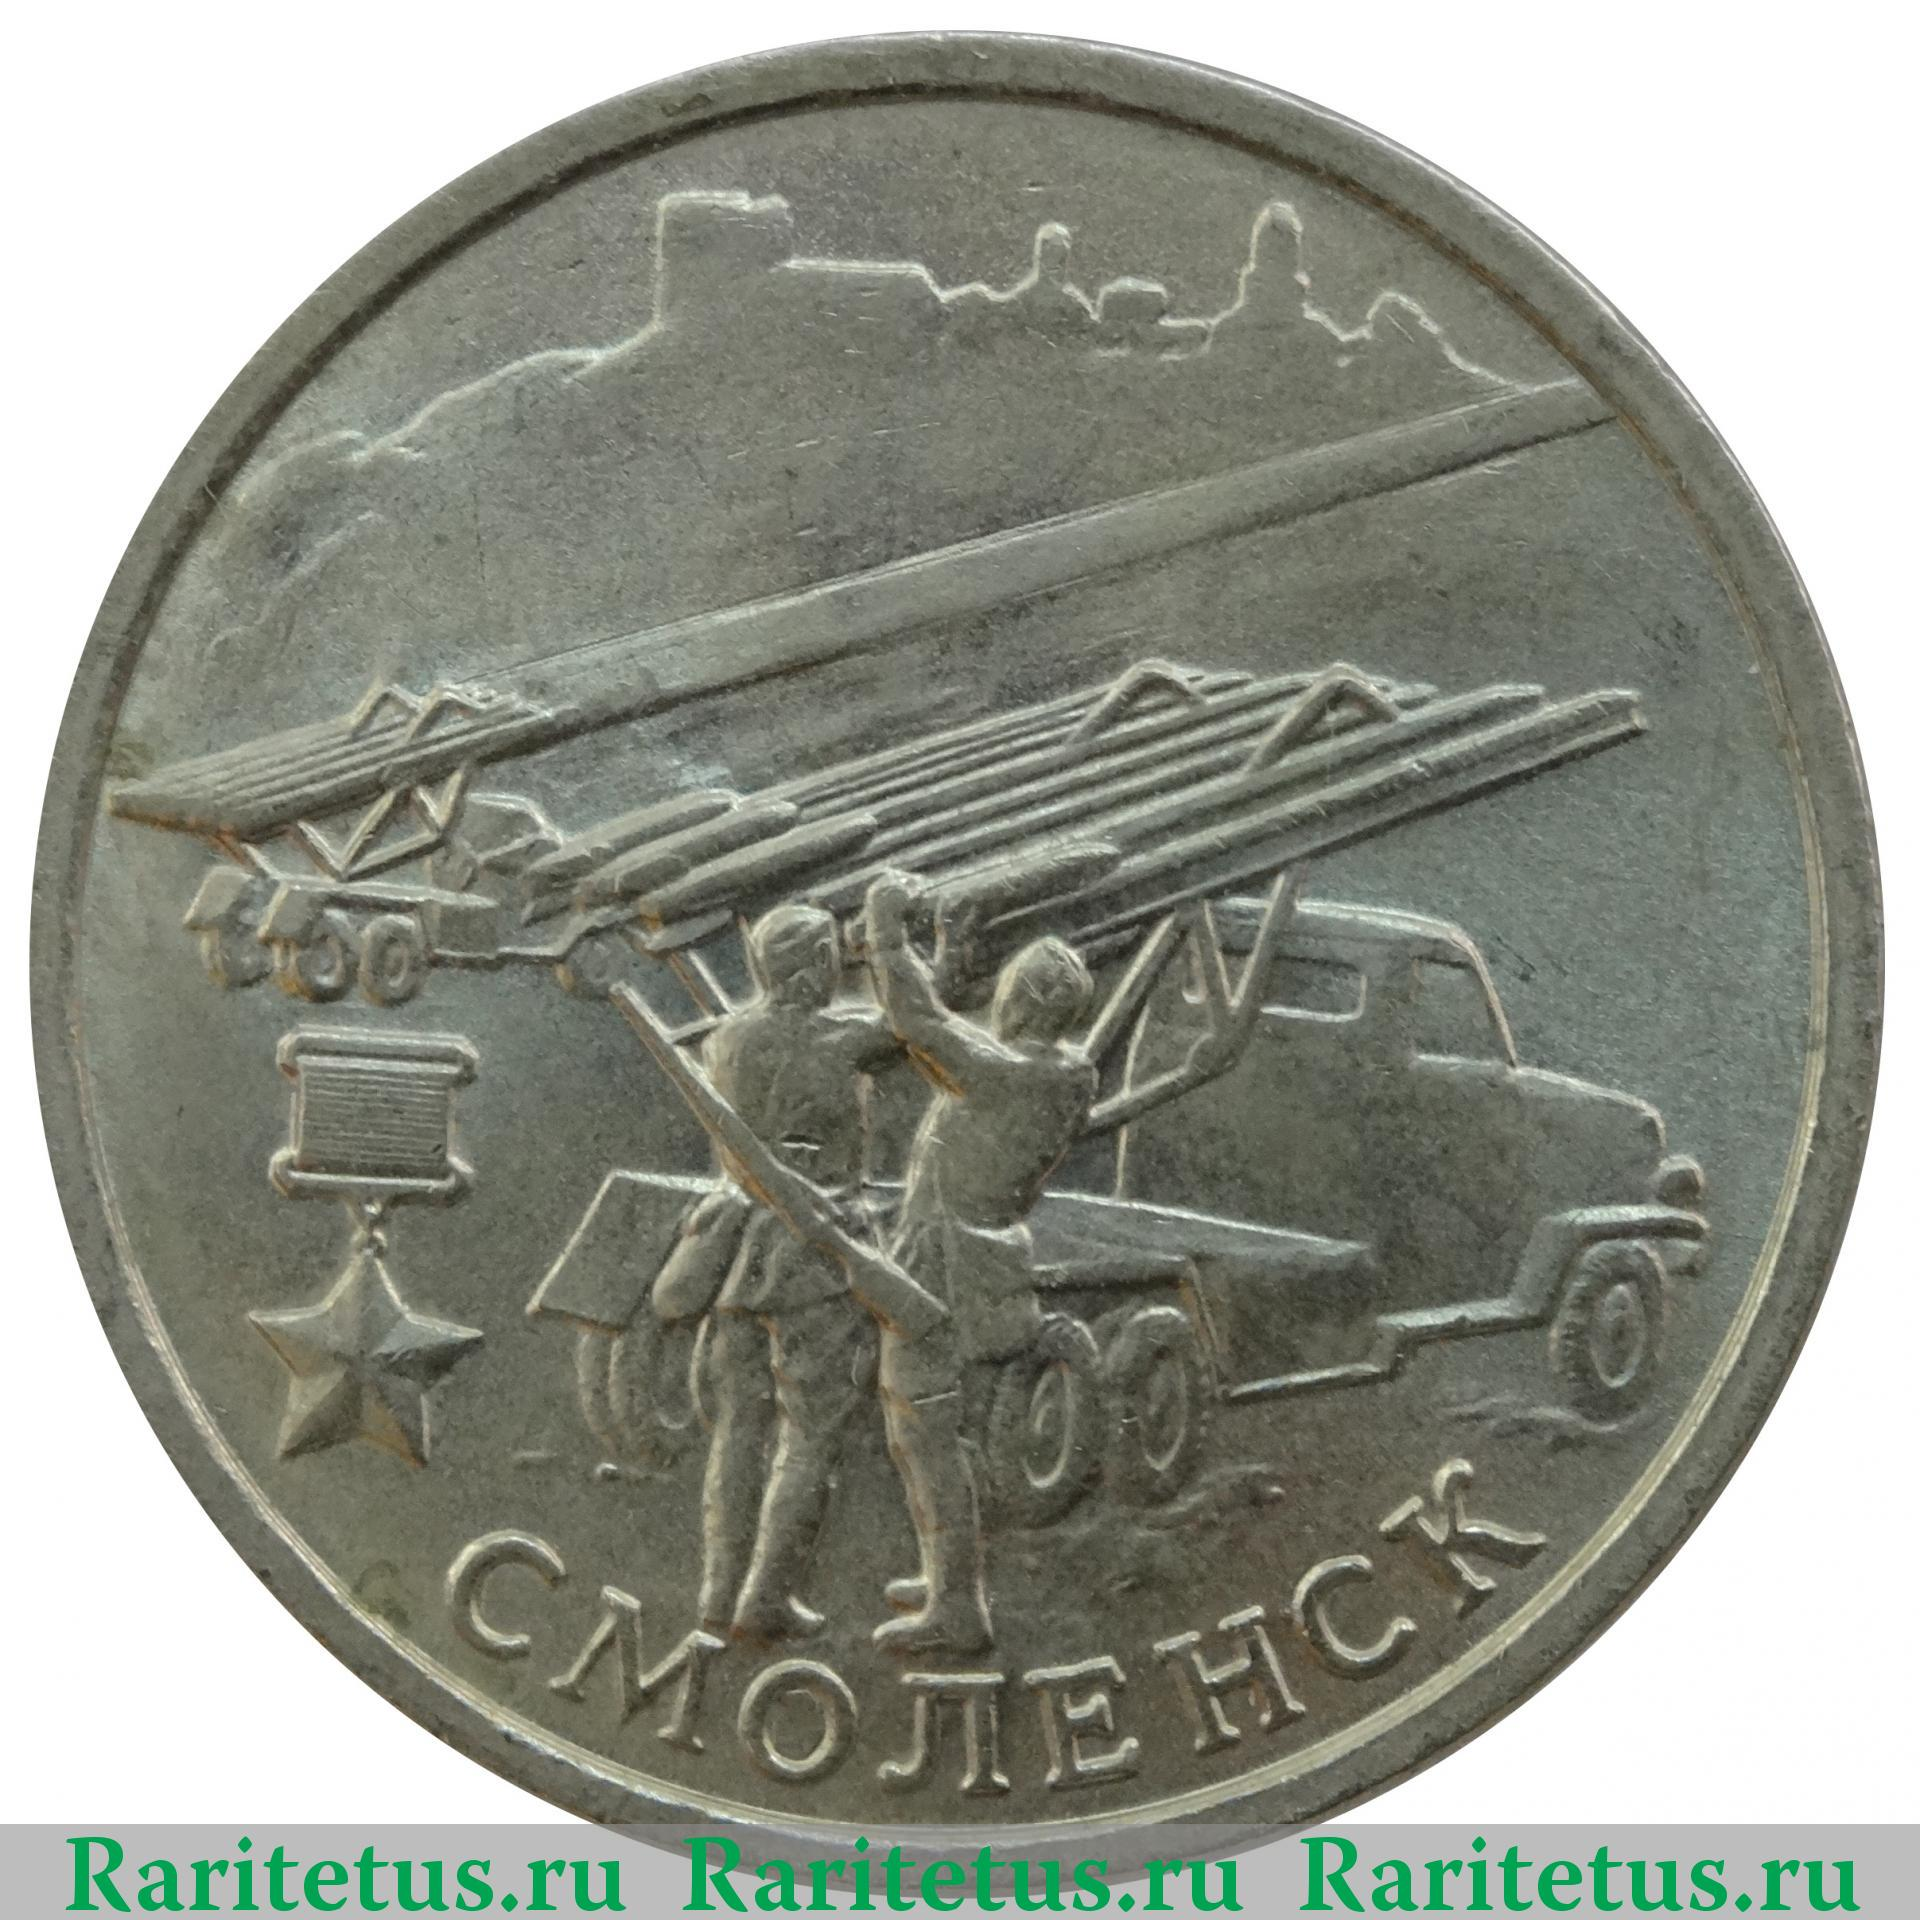 Интернет в смоленске монет стоимость 5 руб 2003 года